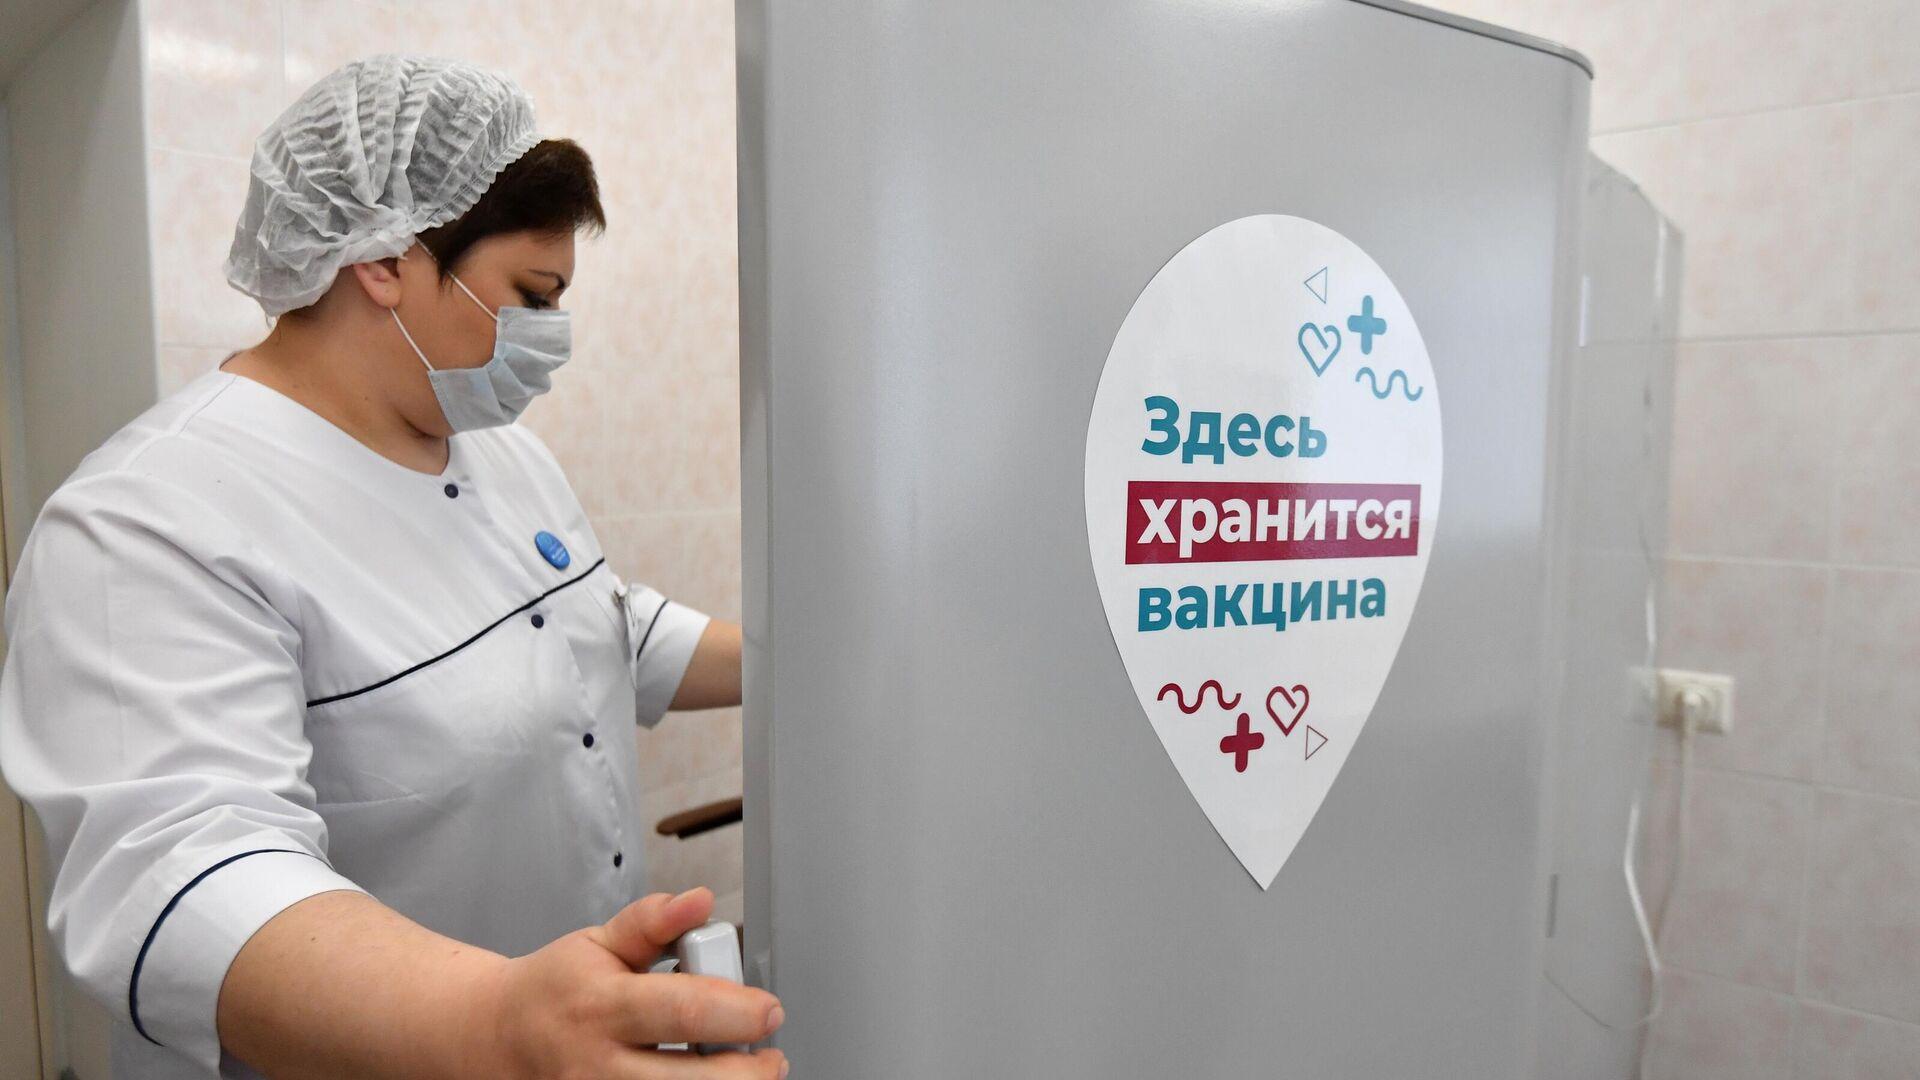 Медицинская сестра в процедурном кабинете - РИА Новости, 1920, 13.01.2021